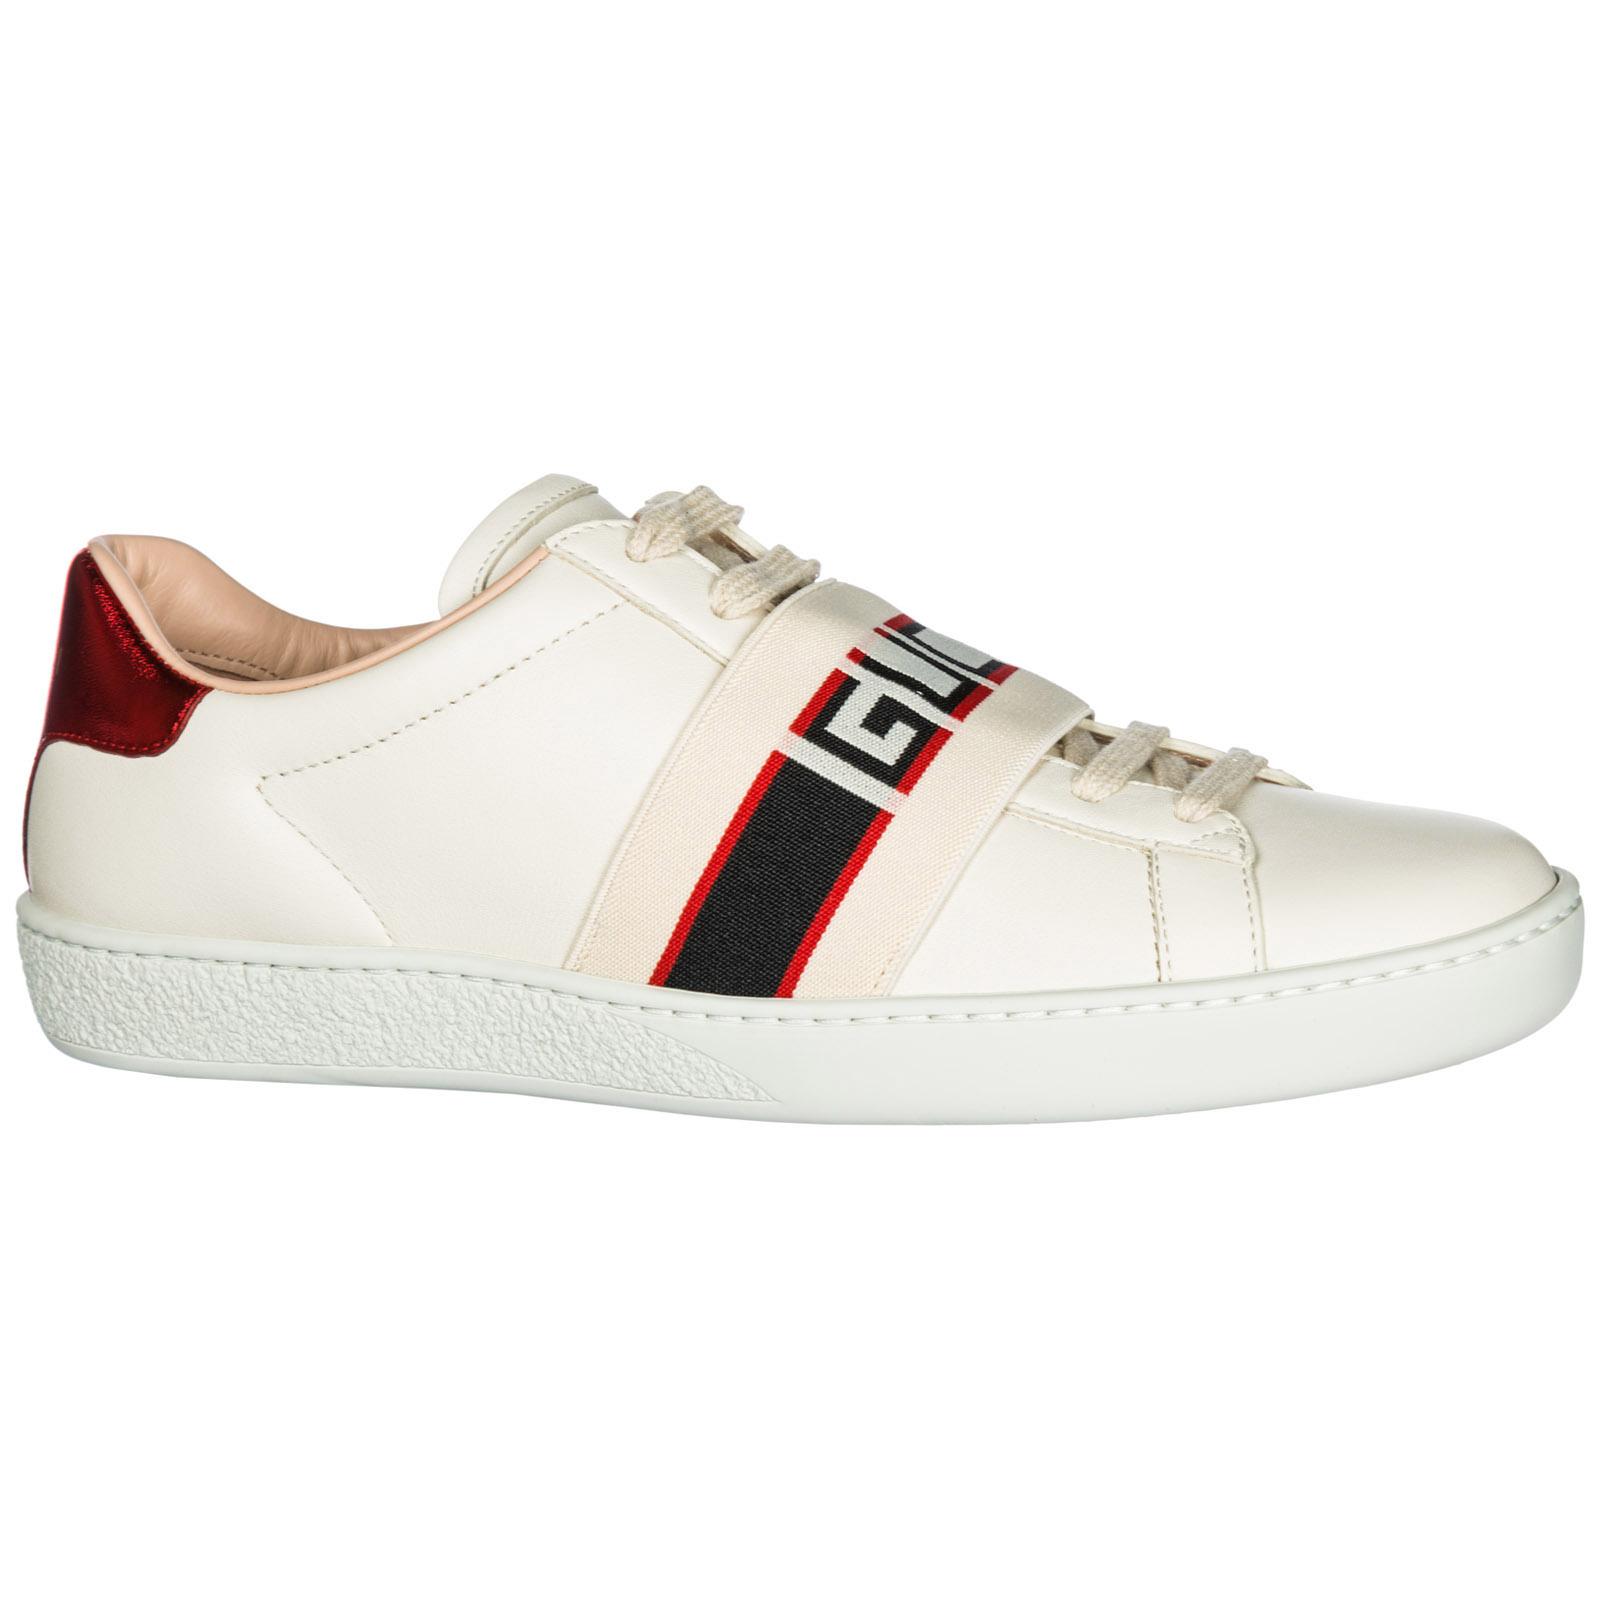 Zapatillas deportivas Gucci Ace 525269 0FIV0 9086 bianco  f3f3835f316